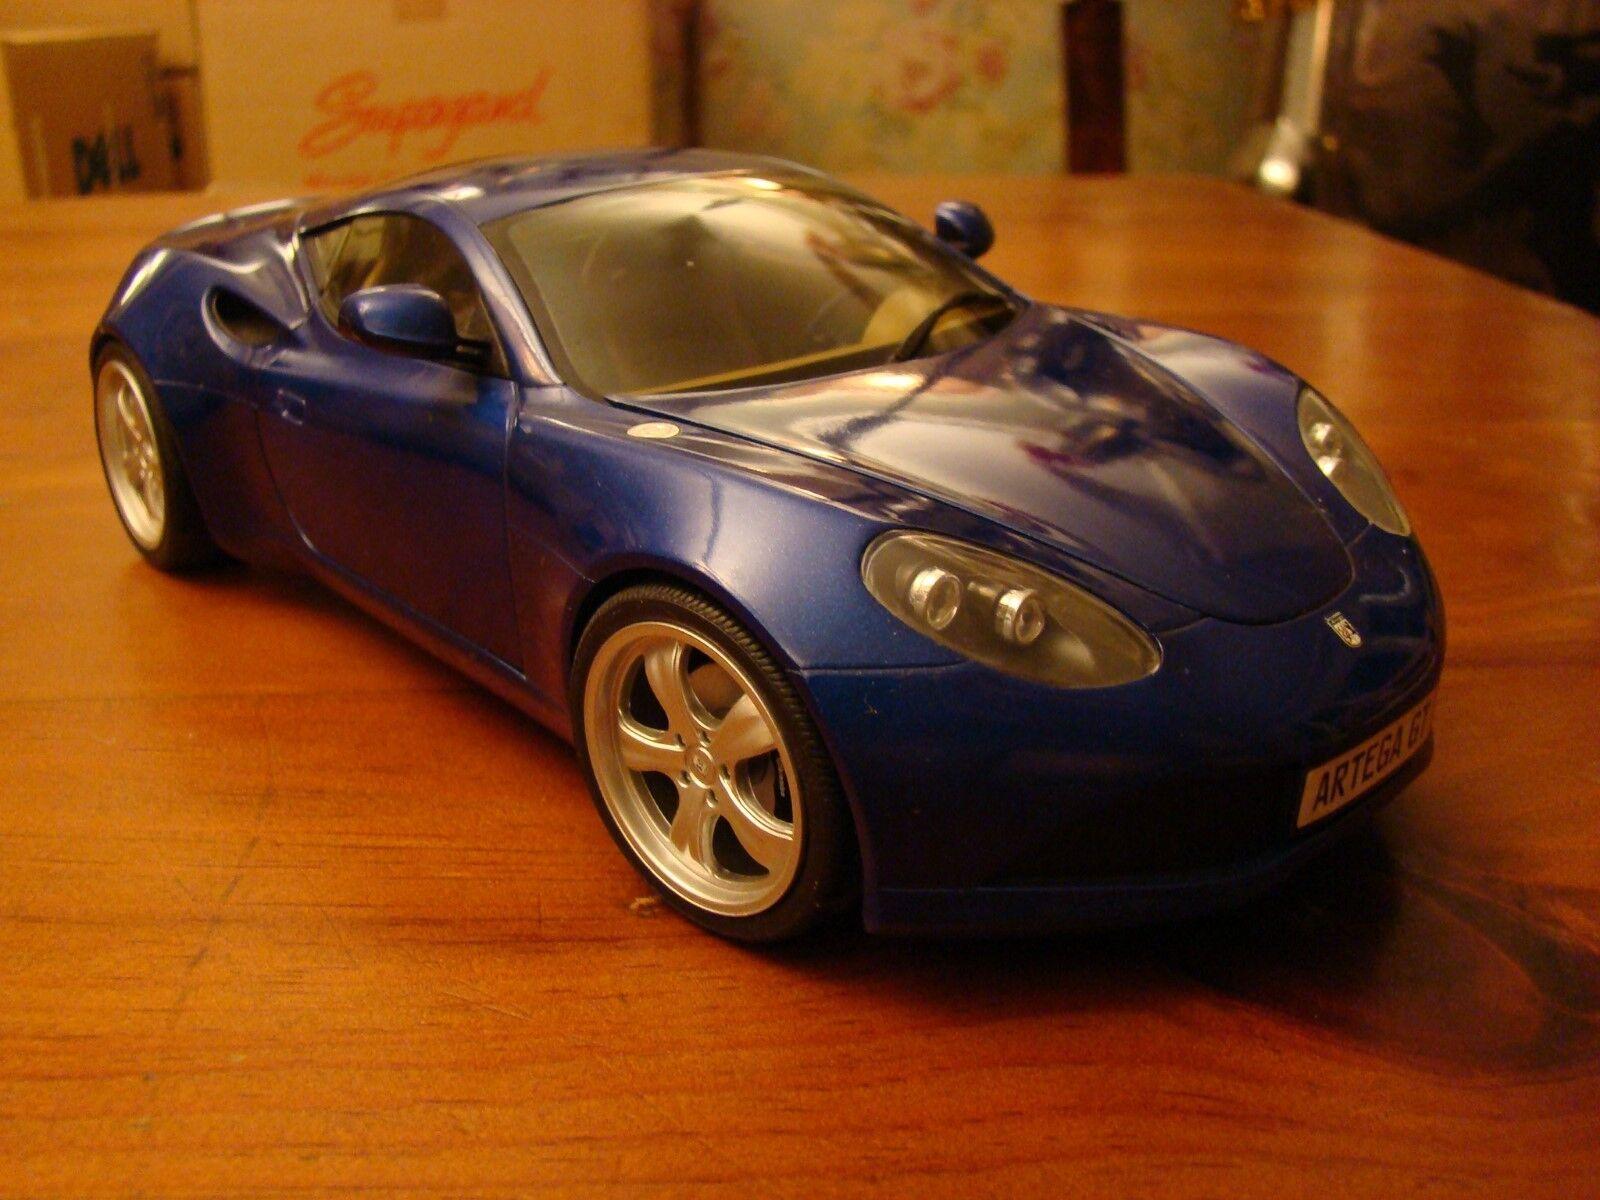 1/18 ARTEGA GT COUPE 3.6 LITRI VR6 RARA 2009 Composite Viper Blu Crema Nascondi